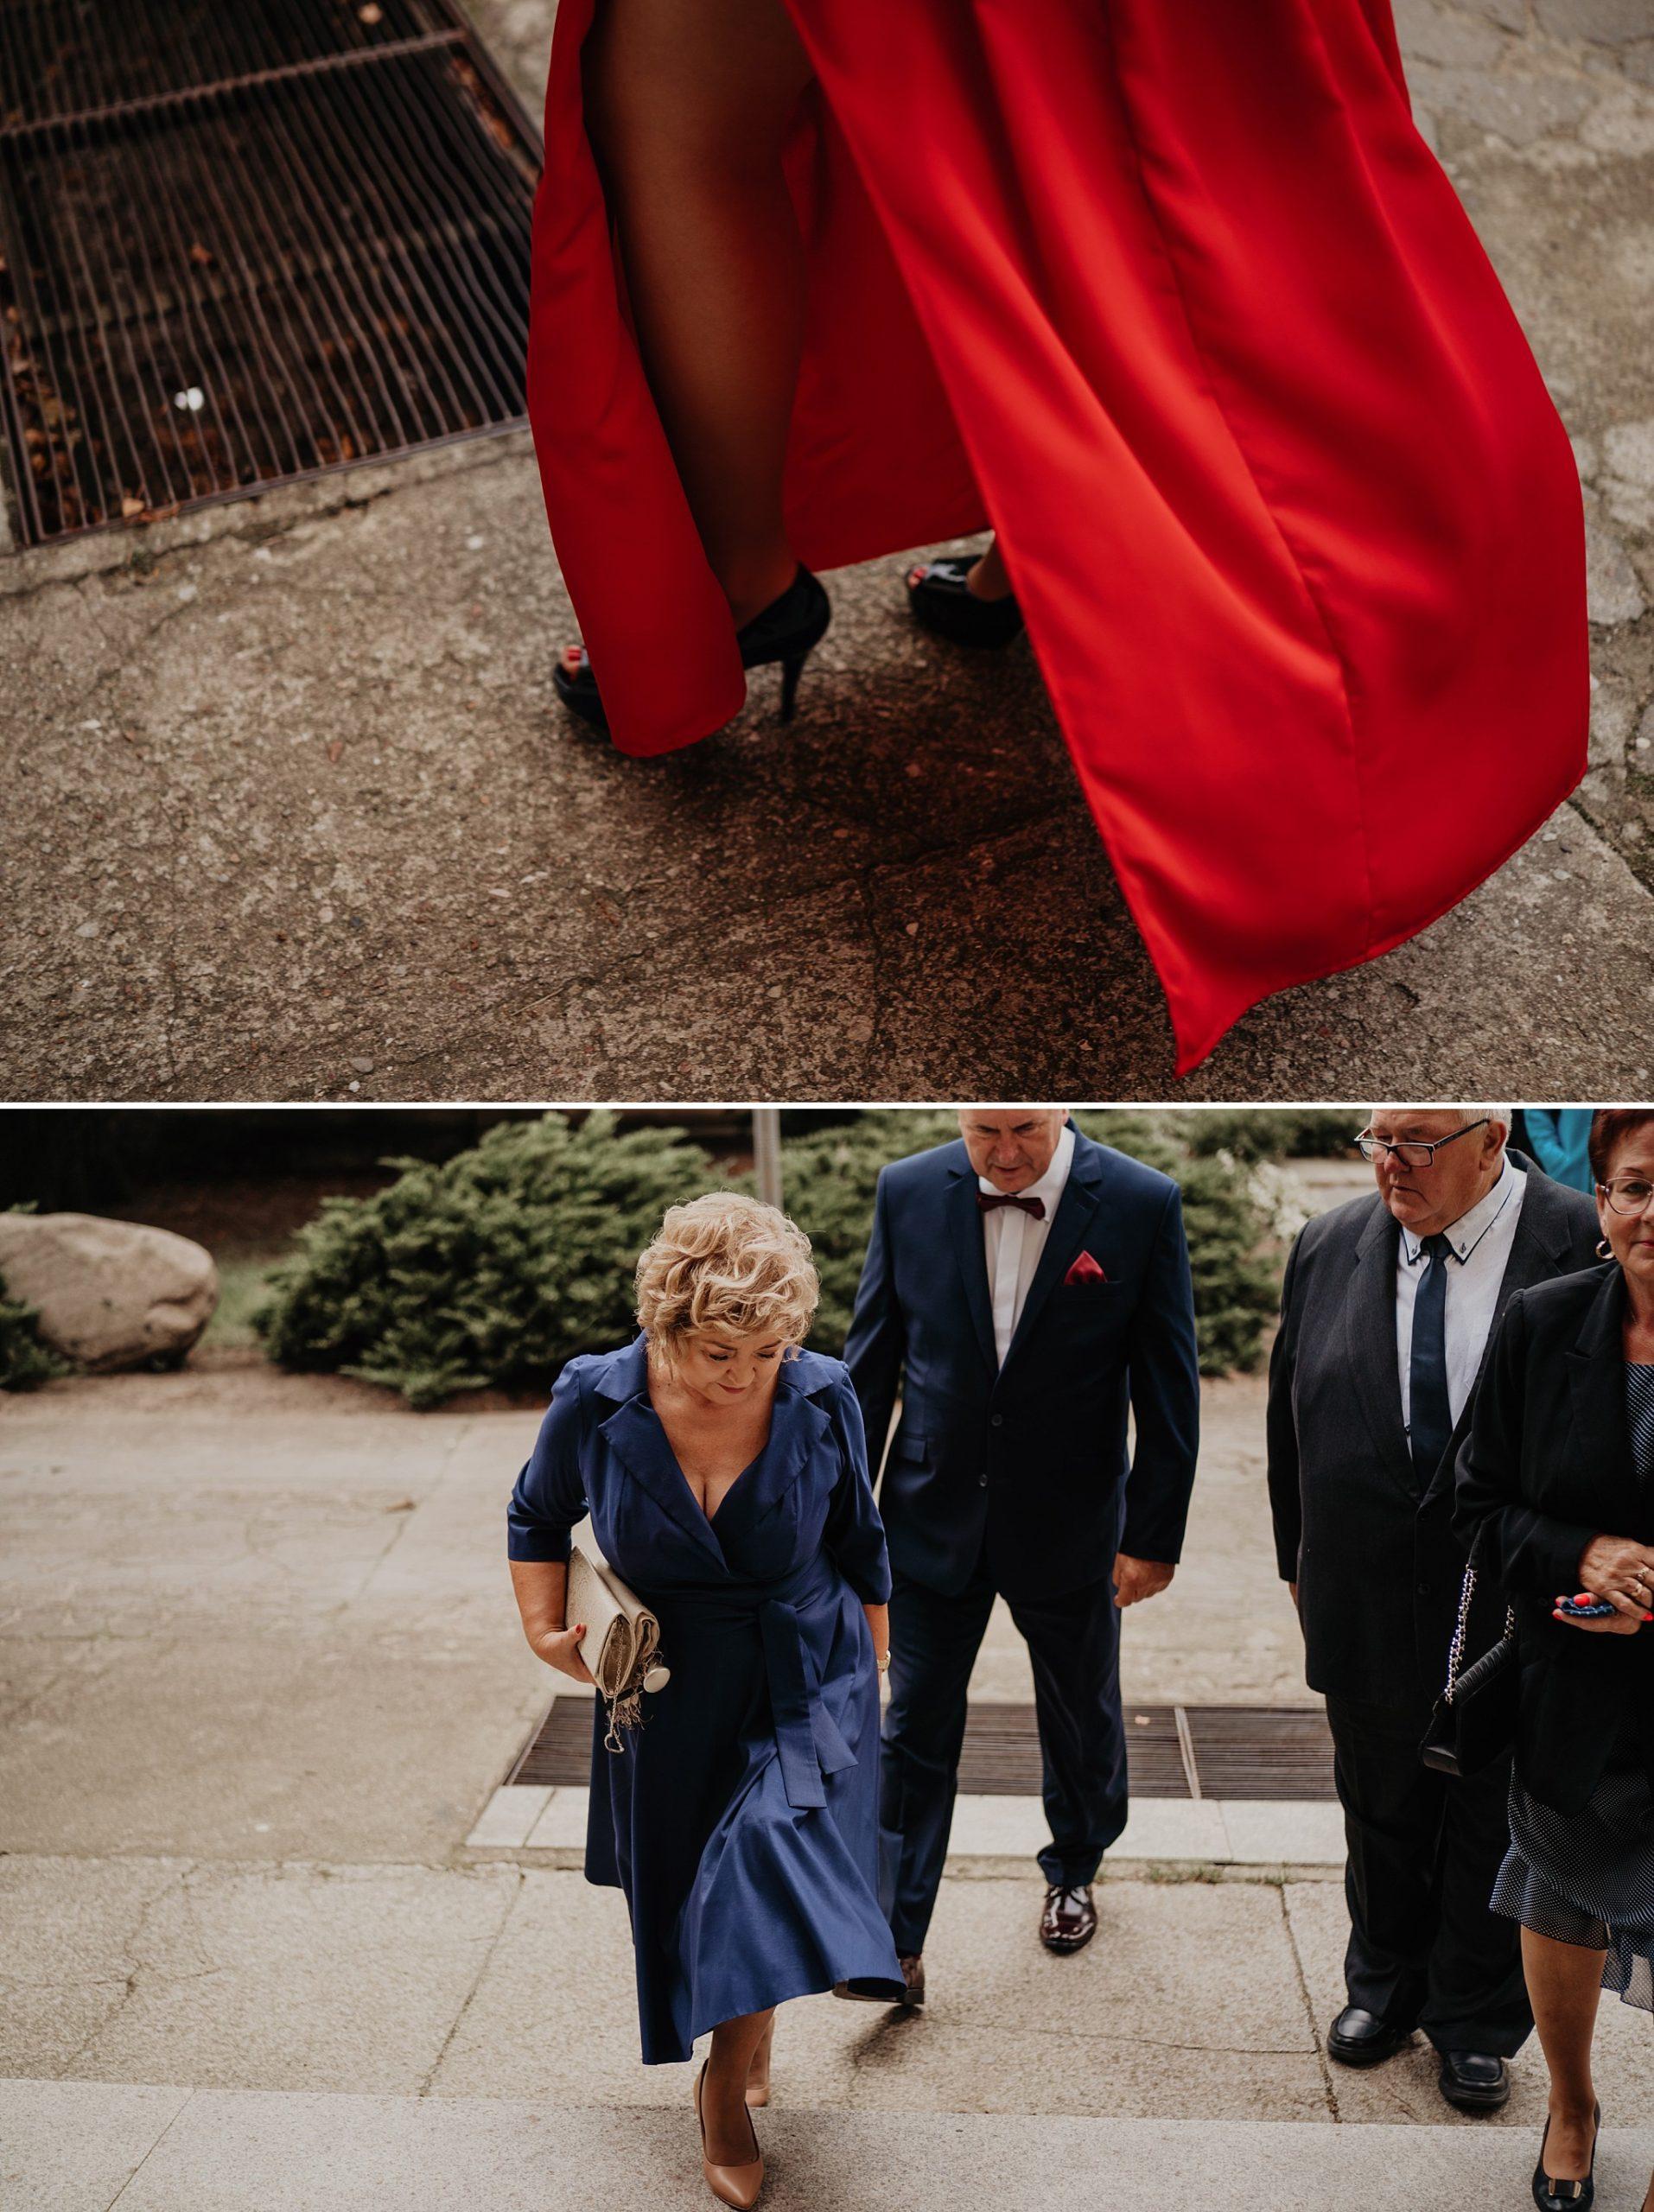 fotograf poznan wesele dobra truskawka piekne wesele pod poznaniem wesele w dobrej truskawce piekna para mloda slub marzen slub koronawirus slub listopad wesele koronawirus 119 scaled